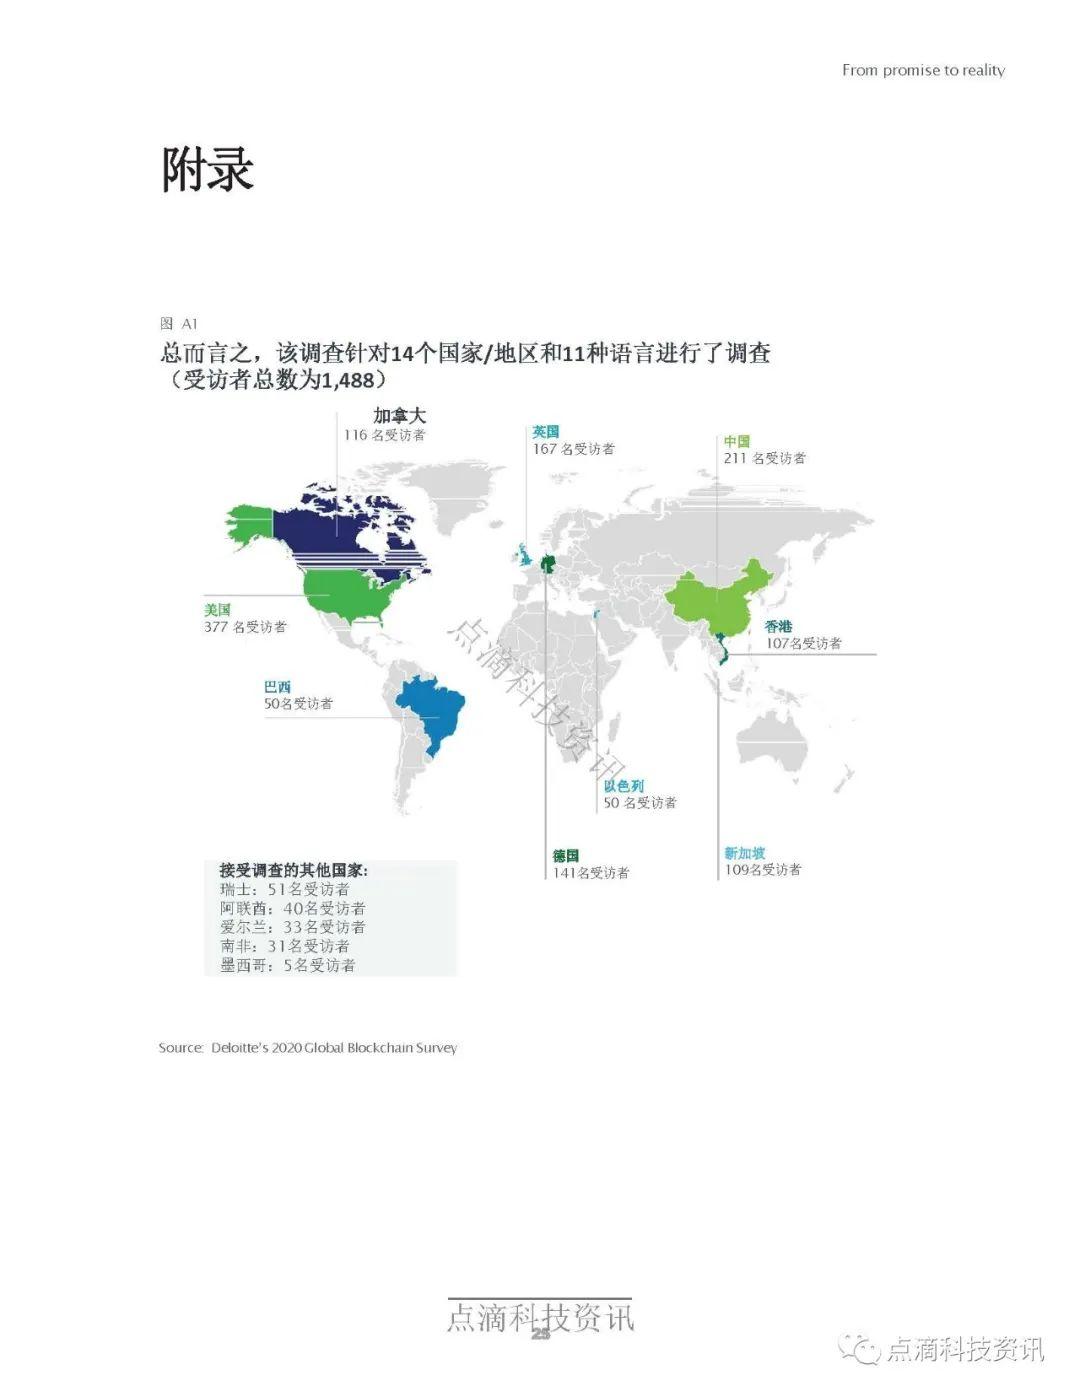 德勤2020年全球区块链调查报告:受访项目均表示在去年至少获得1亿美元收入